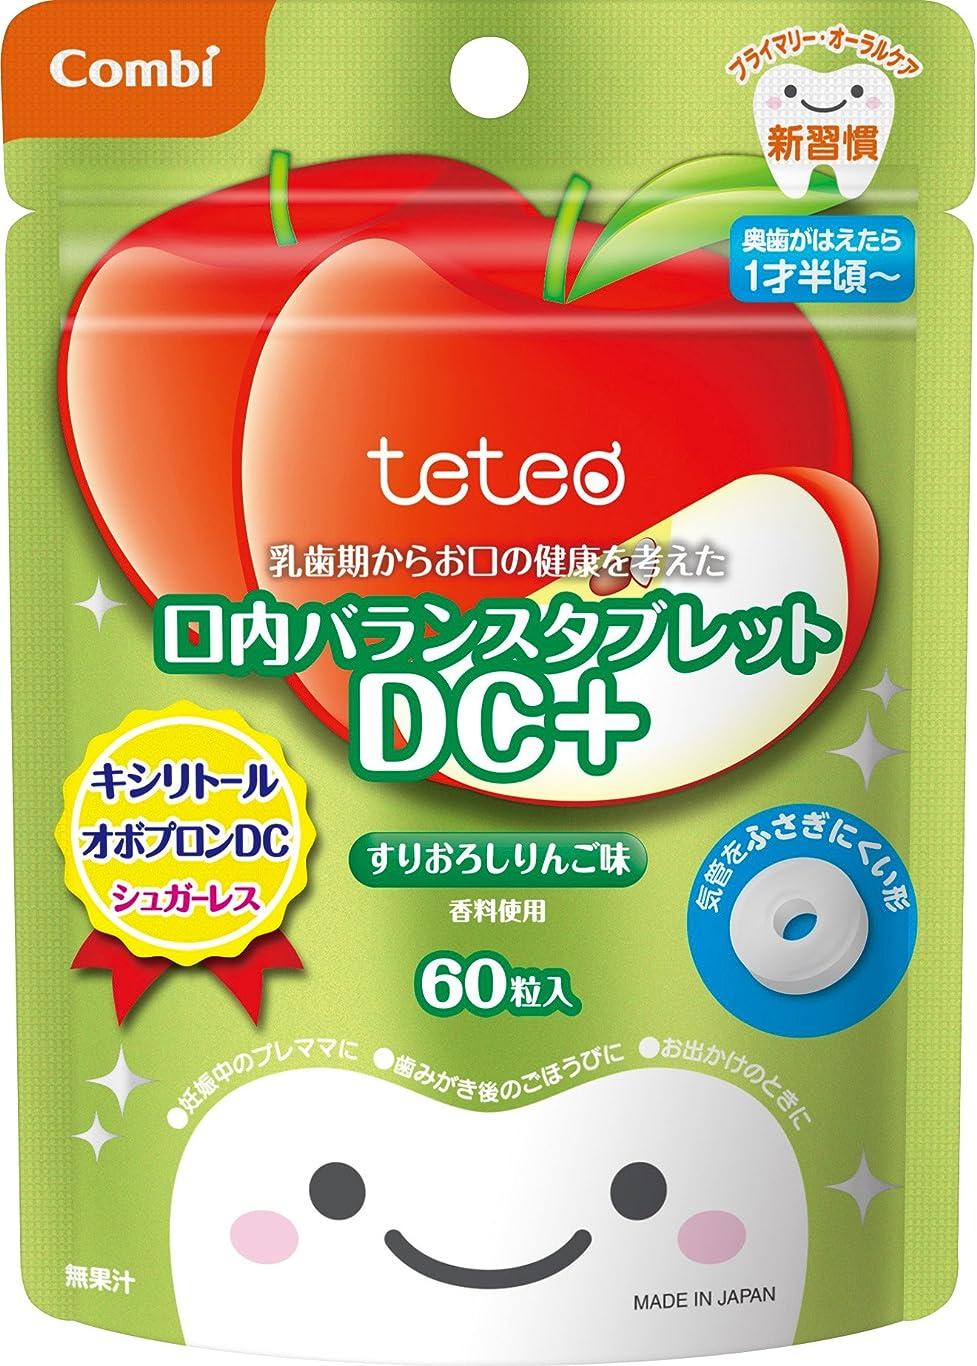 に向かって後者前進コンビ テテオ 乳歯期からお口の健康を考えた 口内バランスタブレット DC+ すりおろしりんご味 60粒入